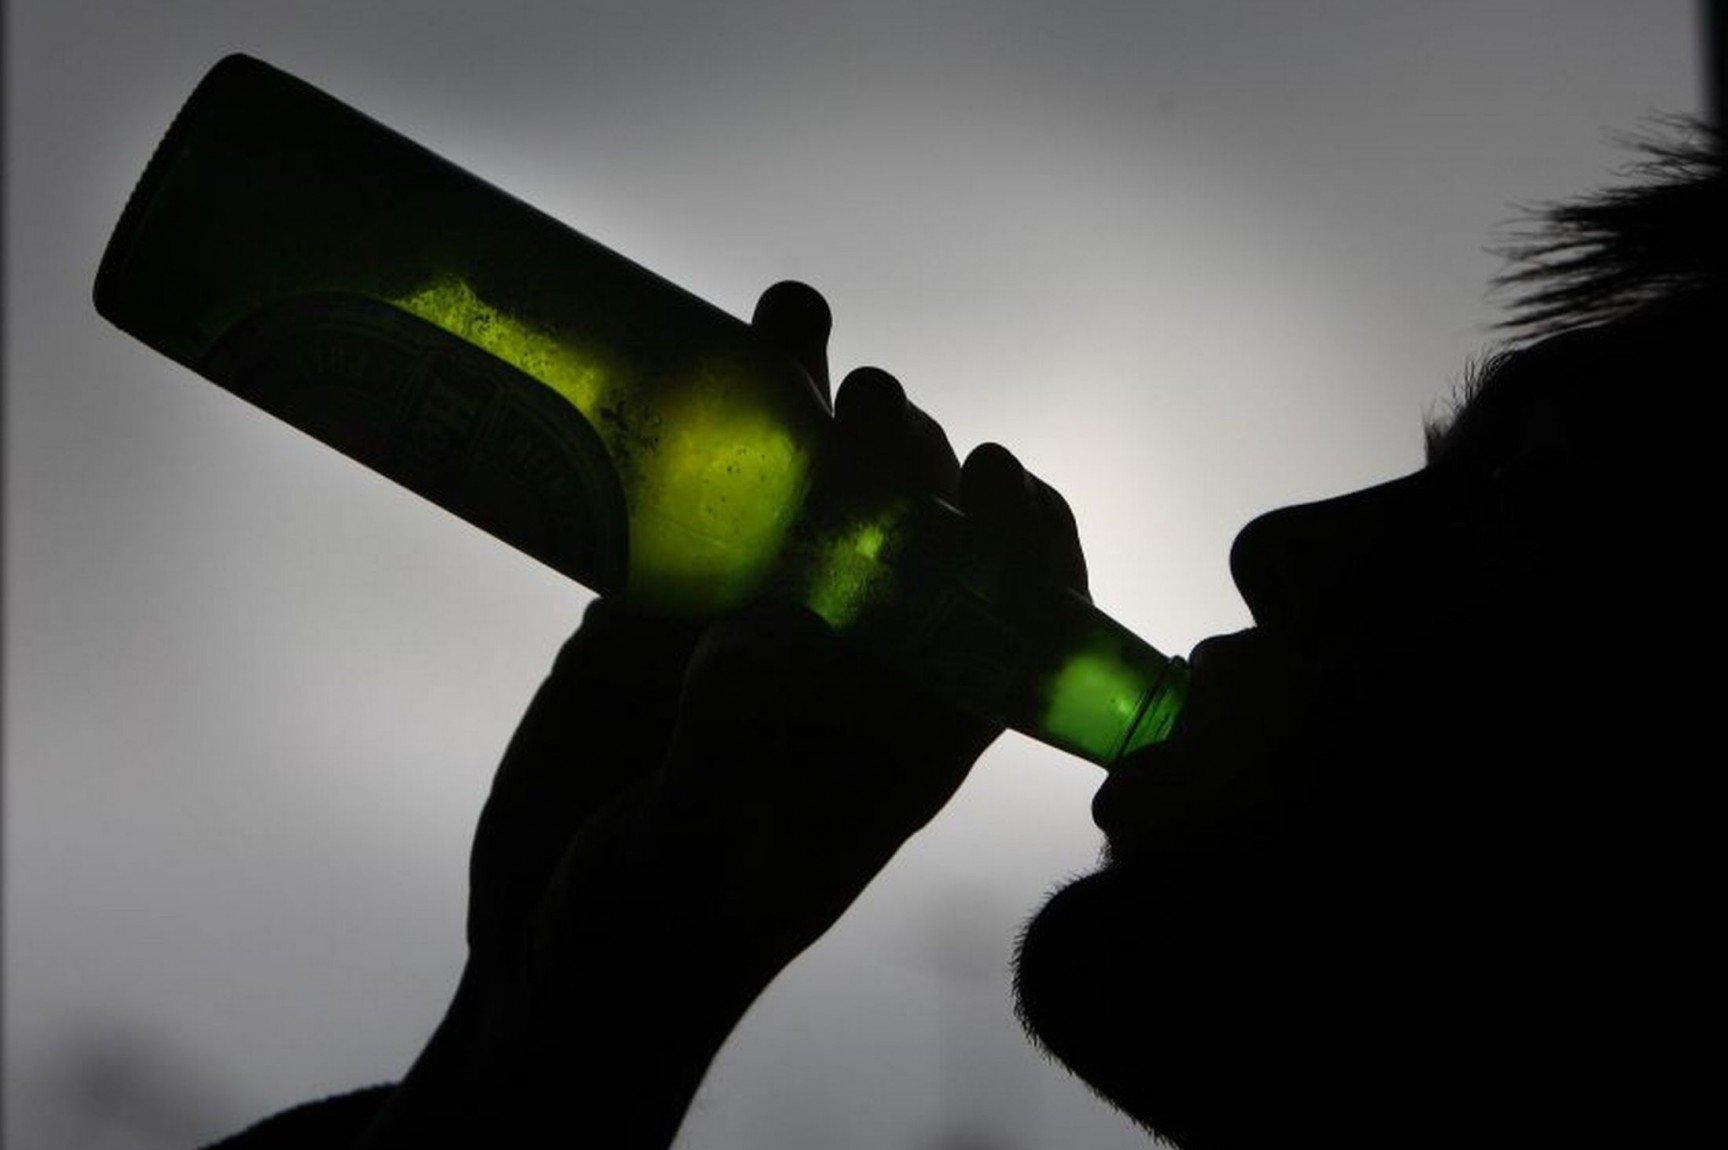 алкоголь наркотики секс: